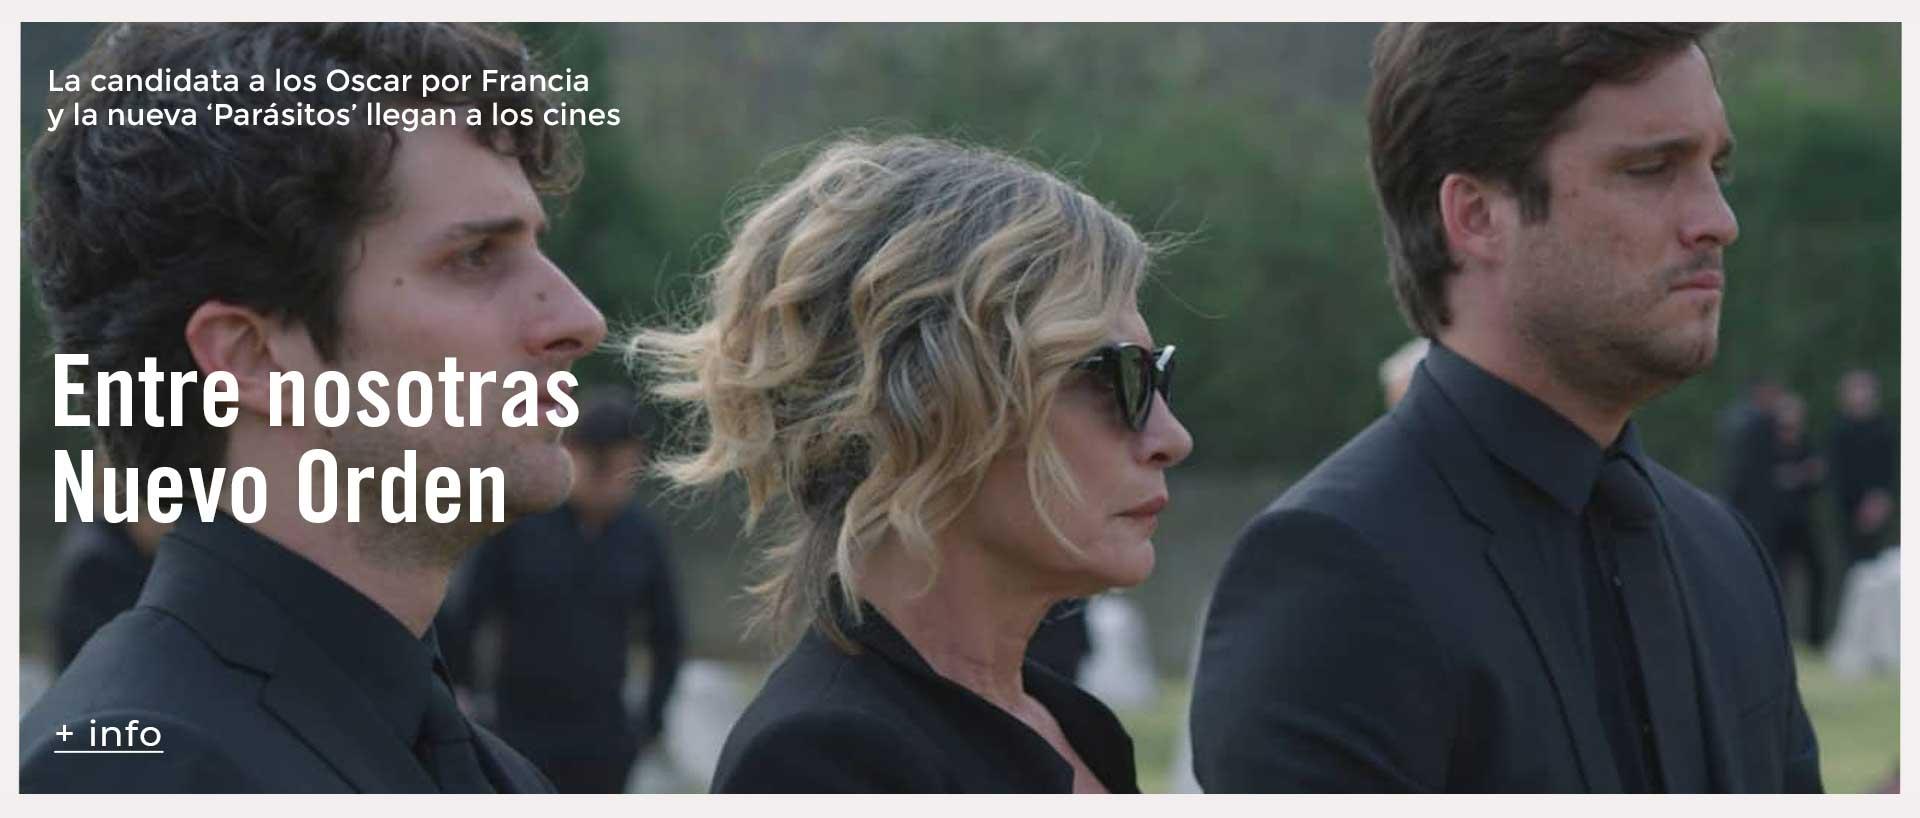 Nuevo-orden_noticia-portada.jpg